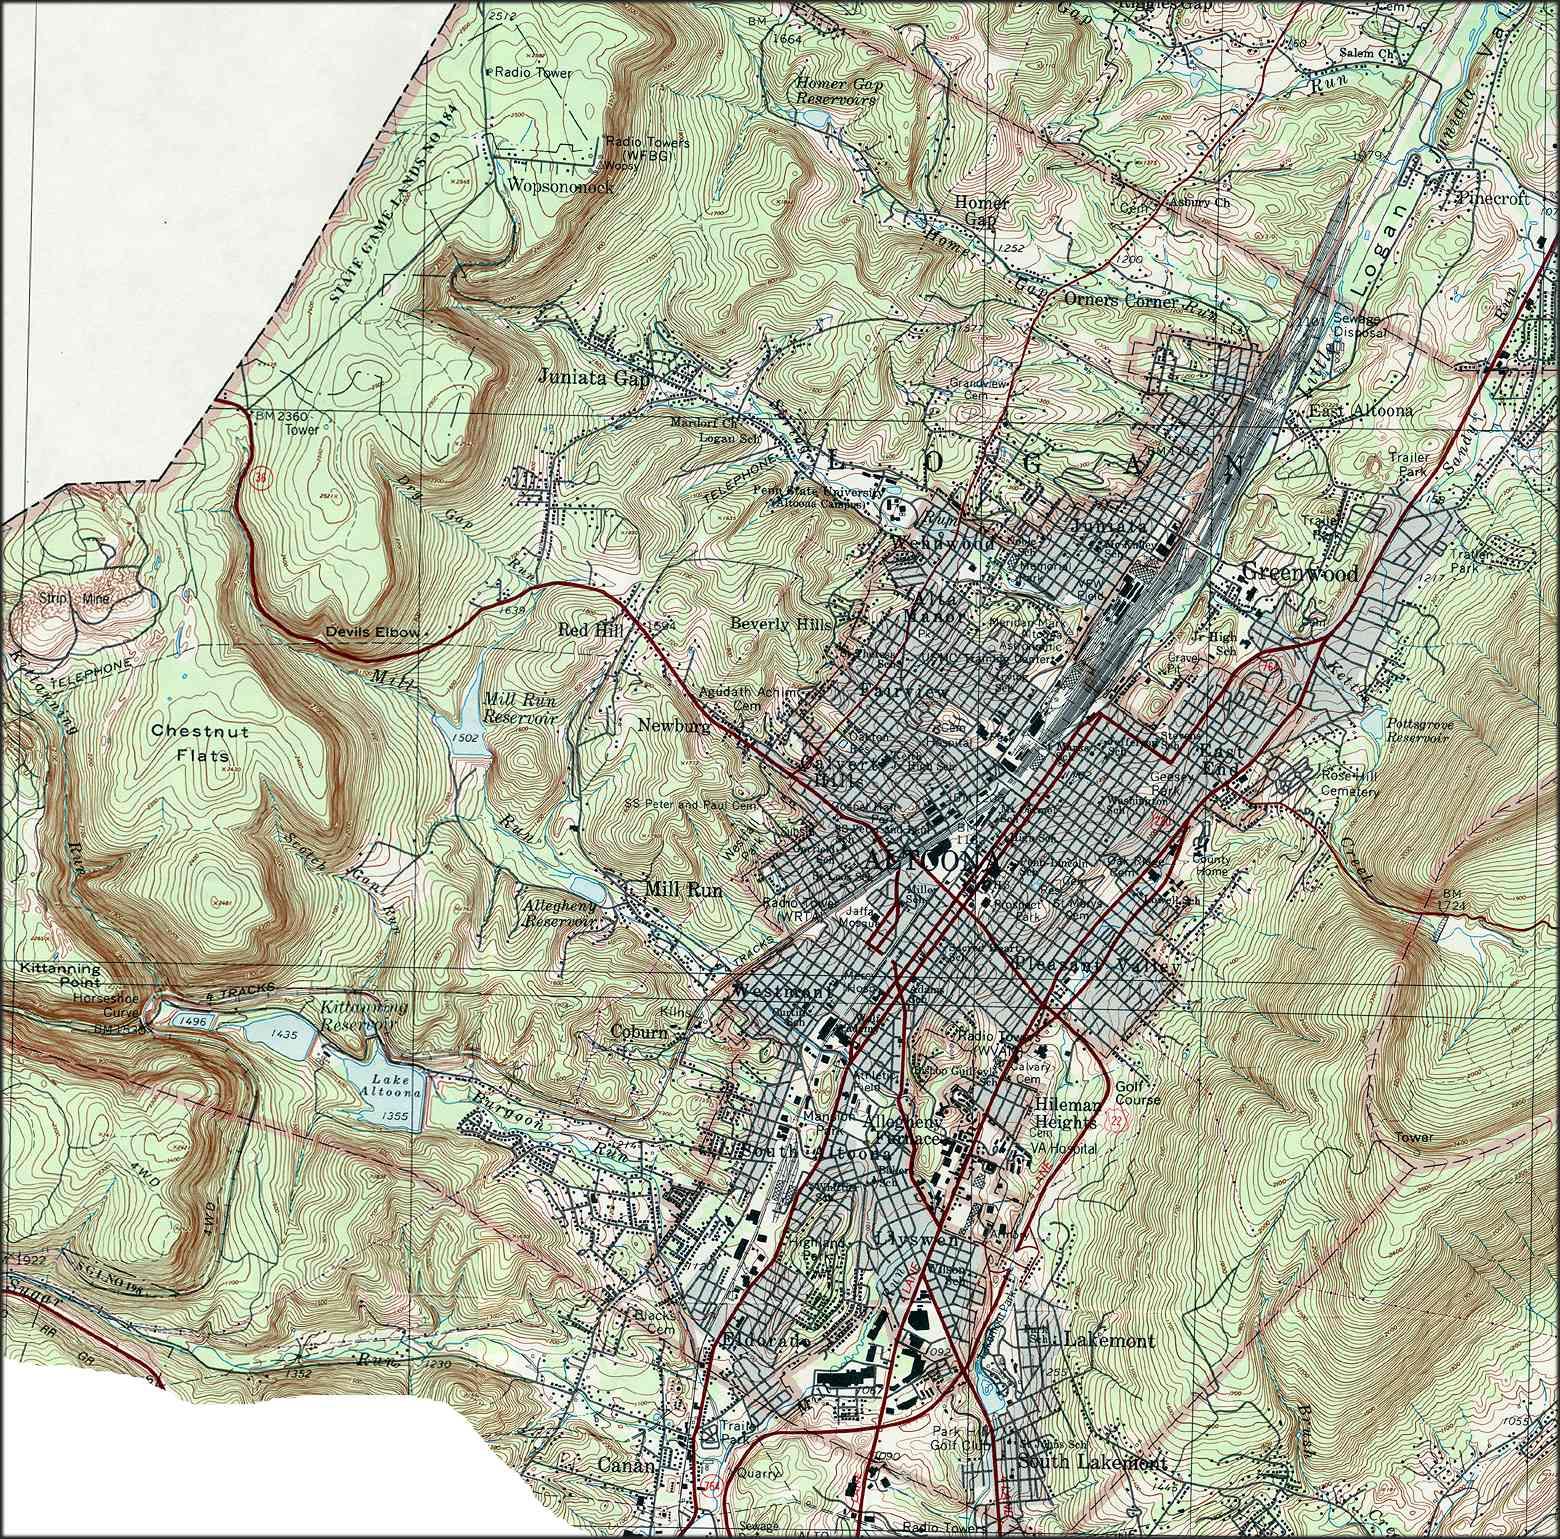 Blair County Pennsylvania Township Maps